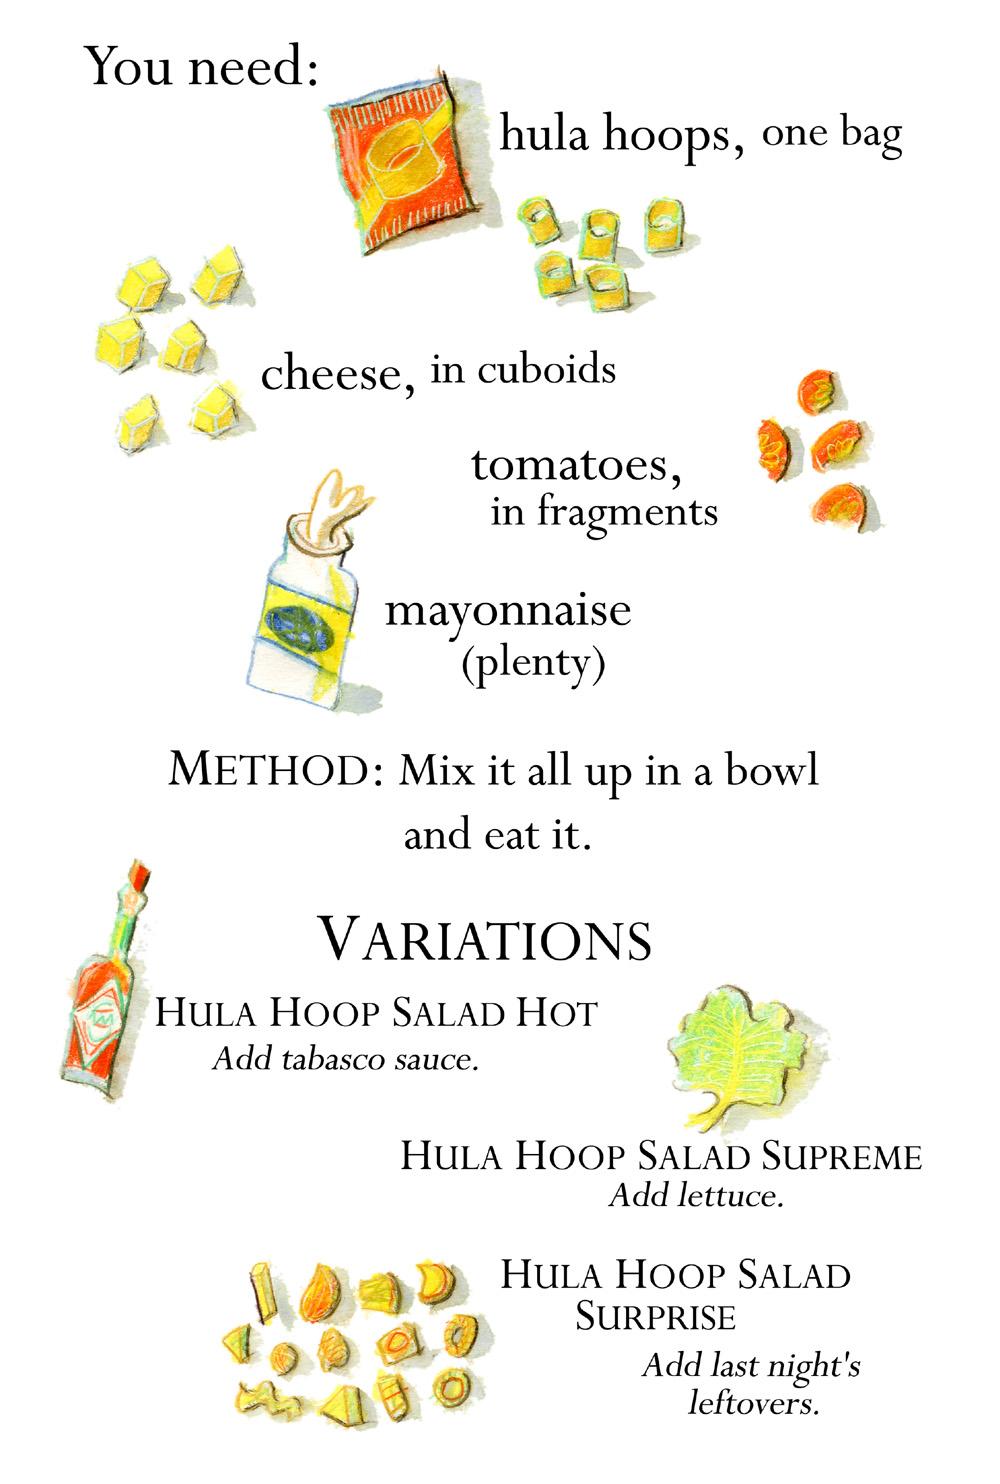 hula hoop salad